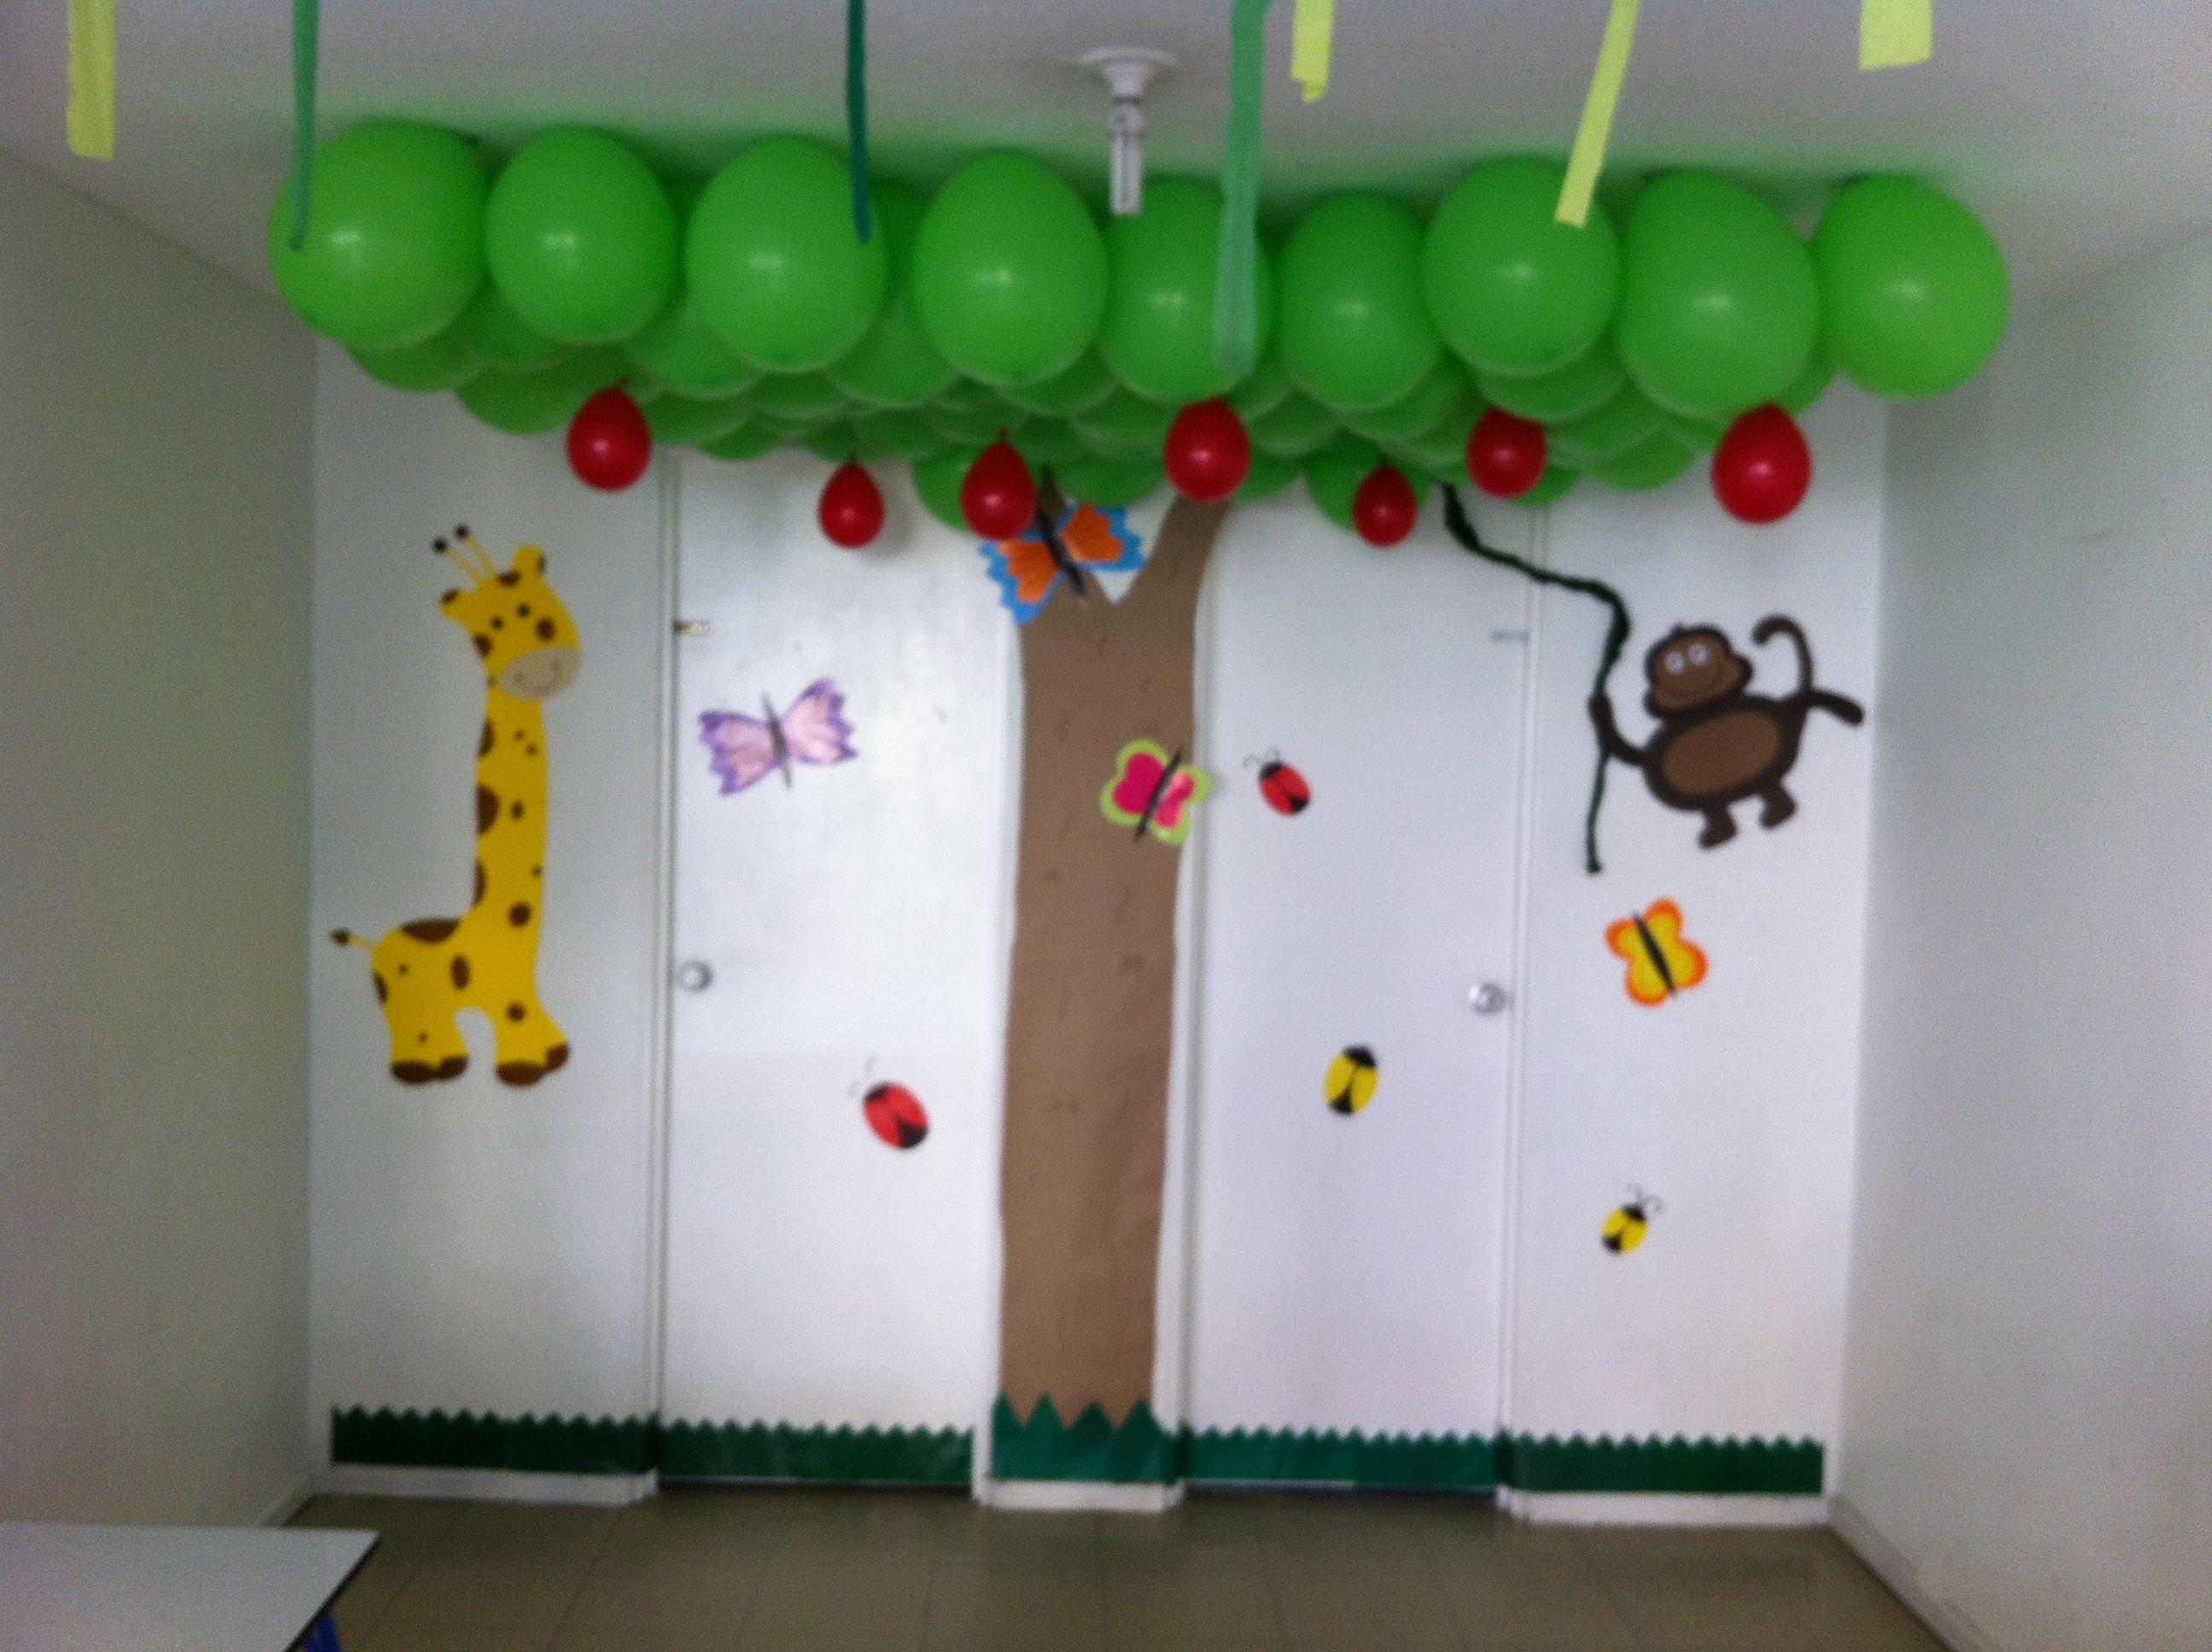 Decoraci n de aula infantil manualidades para preescolar - Manualidades decoracion infantil ...